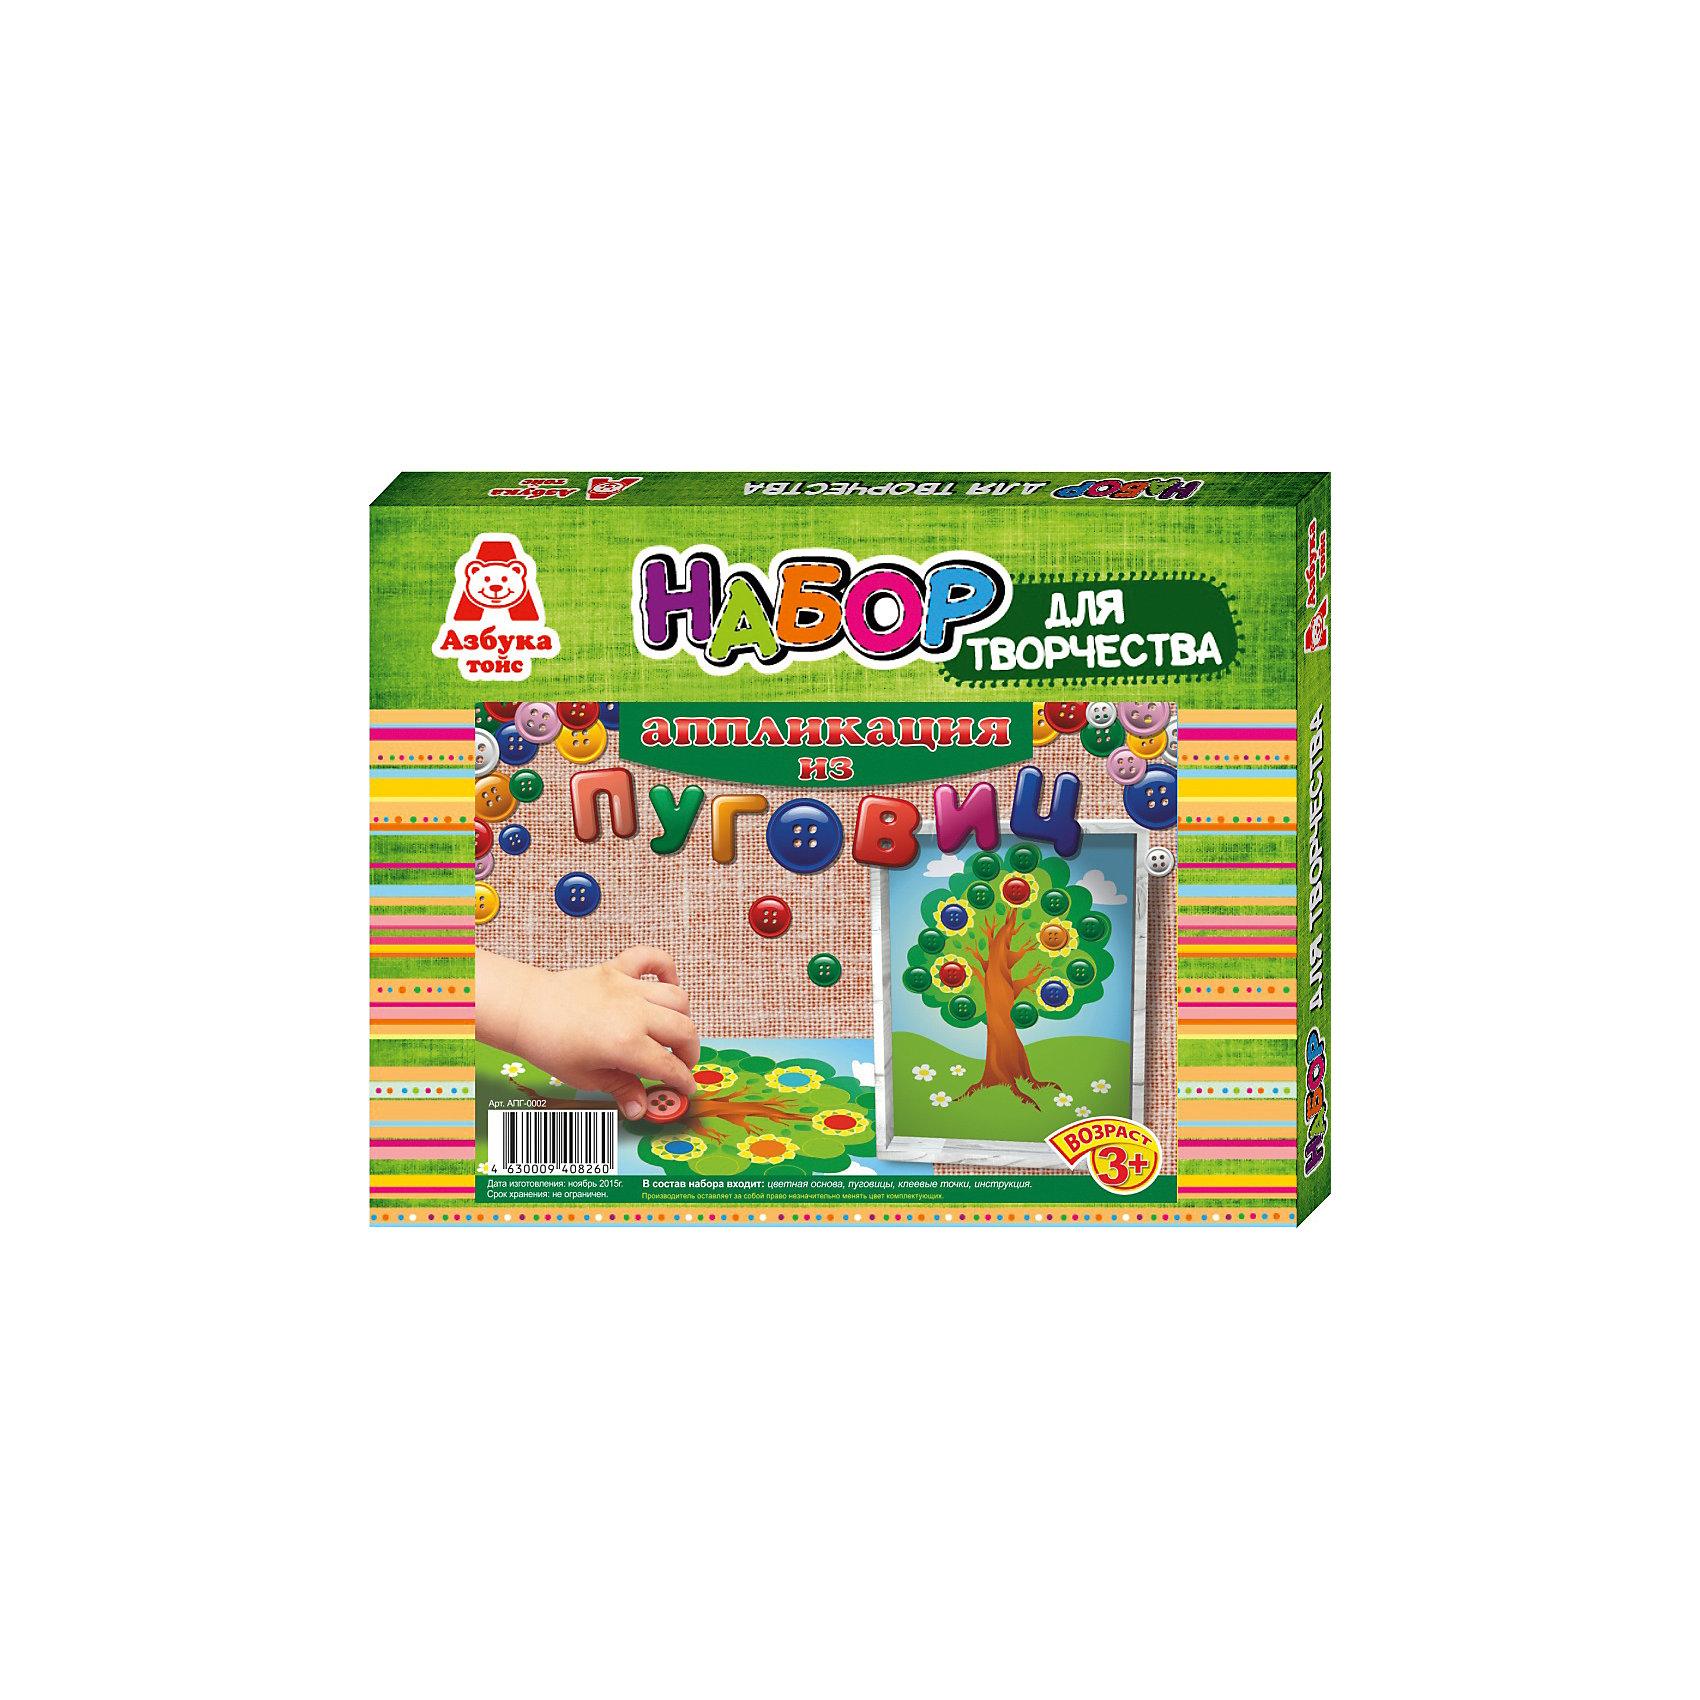 Аппликация из пуговиц Зелёное деревоРукоделие<br>Аппликация из пуговиц Зелёное дерево<br><br>Характеристики:<br><br>- в набор входит: основа, клеевые точки, пуговицы <br>- состав: картон, пластик <br>- формат: 27 * 3 * 22 см.<br>- вес: 204 гр.<br>- для детей в возрасте: от 3 до 5 лет<br>- Страна производитель: Российская Федерация<br><br>Набор для творчества Аппликация из пуговиц Зелёное дерево от компании Азбука тойс понравится маленьким пальчиками и создаст яркое летнее настроение. Пошаговая инструкция подробно описывает процесс выполнения аппликации. Пуговки клеятся на цветную основу с помощью клеевых точек. Работа с таким набором развивает моторику ручек, воображение, усидчивость, аккуратность и внимание. Аппликацию из пуговиц не нужно собирать долго, поэтому малыш сможет легко сделать свой небольшой шедевр и порадоваться своим результатам. <br><br>Аппликацию из пуговиц Зелёное дерево можно купить в нашем интернет-магазине.<br><br>Ширина мм: 270<br>Глубина мм: 30<br>Высота мм: 220<br>Вес г: 204<br>Возраст от месяцев: 36<br>Возраст до месяцев: 84<br>Пол: Женский<br>Возраст: Детский<br>SKU: 5062931